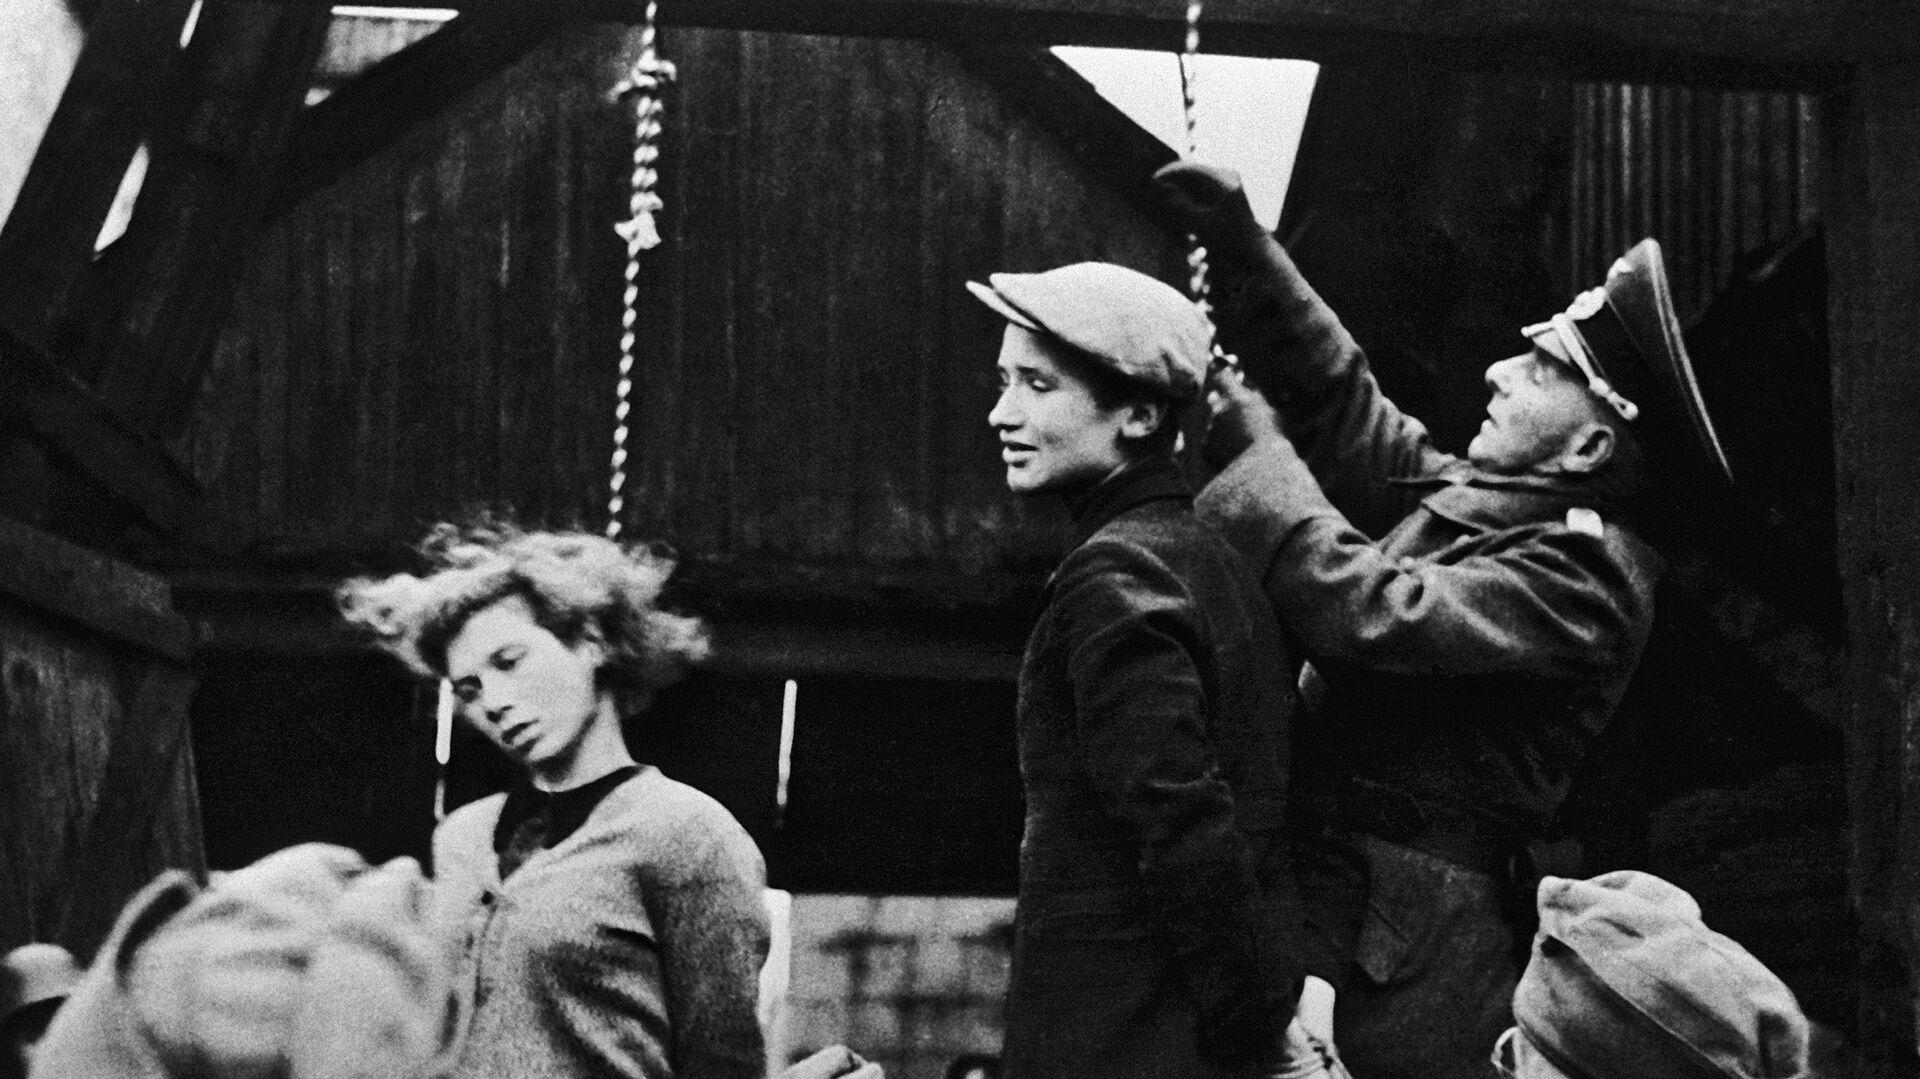 Egzekucja przez powieszenie wykonana hitlerowcami na terenie Białorusi - Sputnik Polska, 1920, 01.09.2021